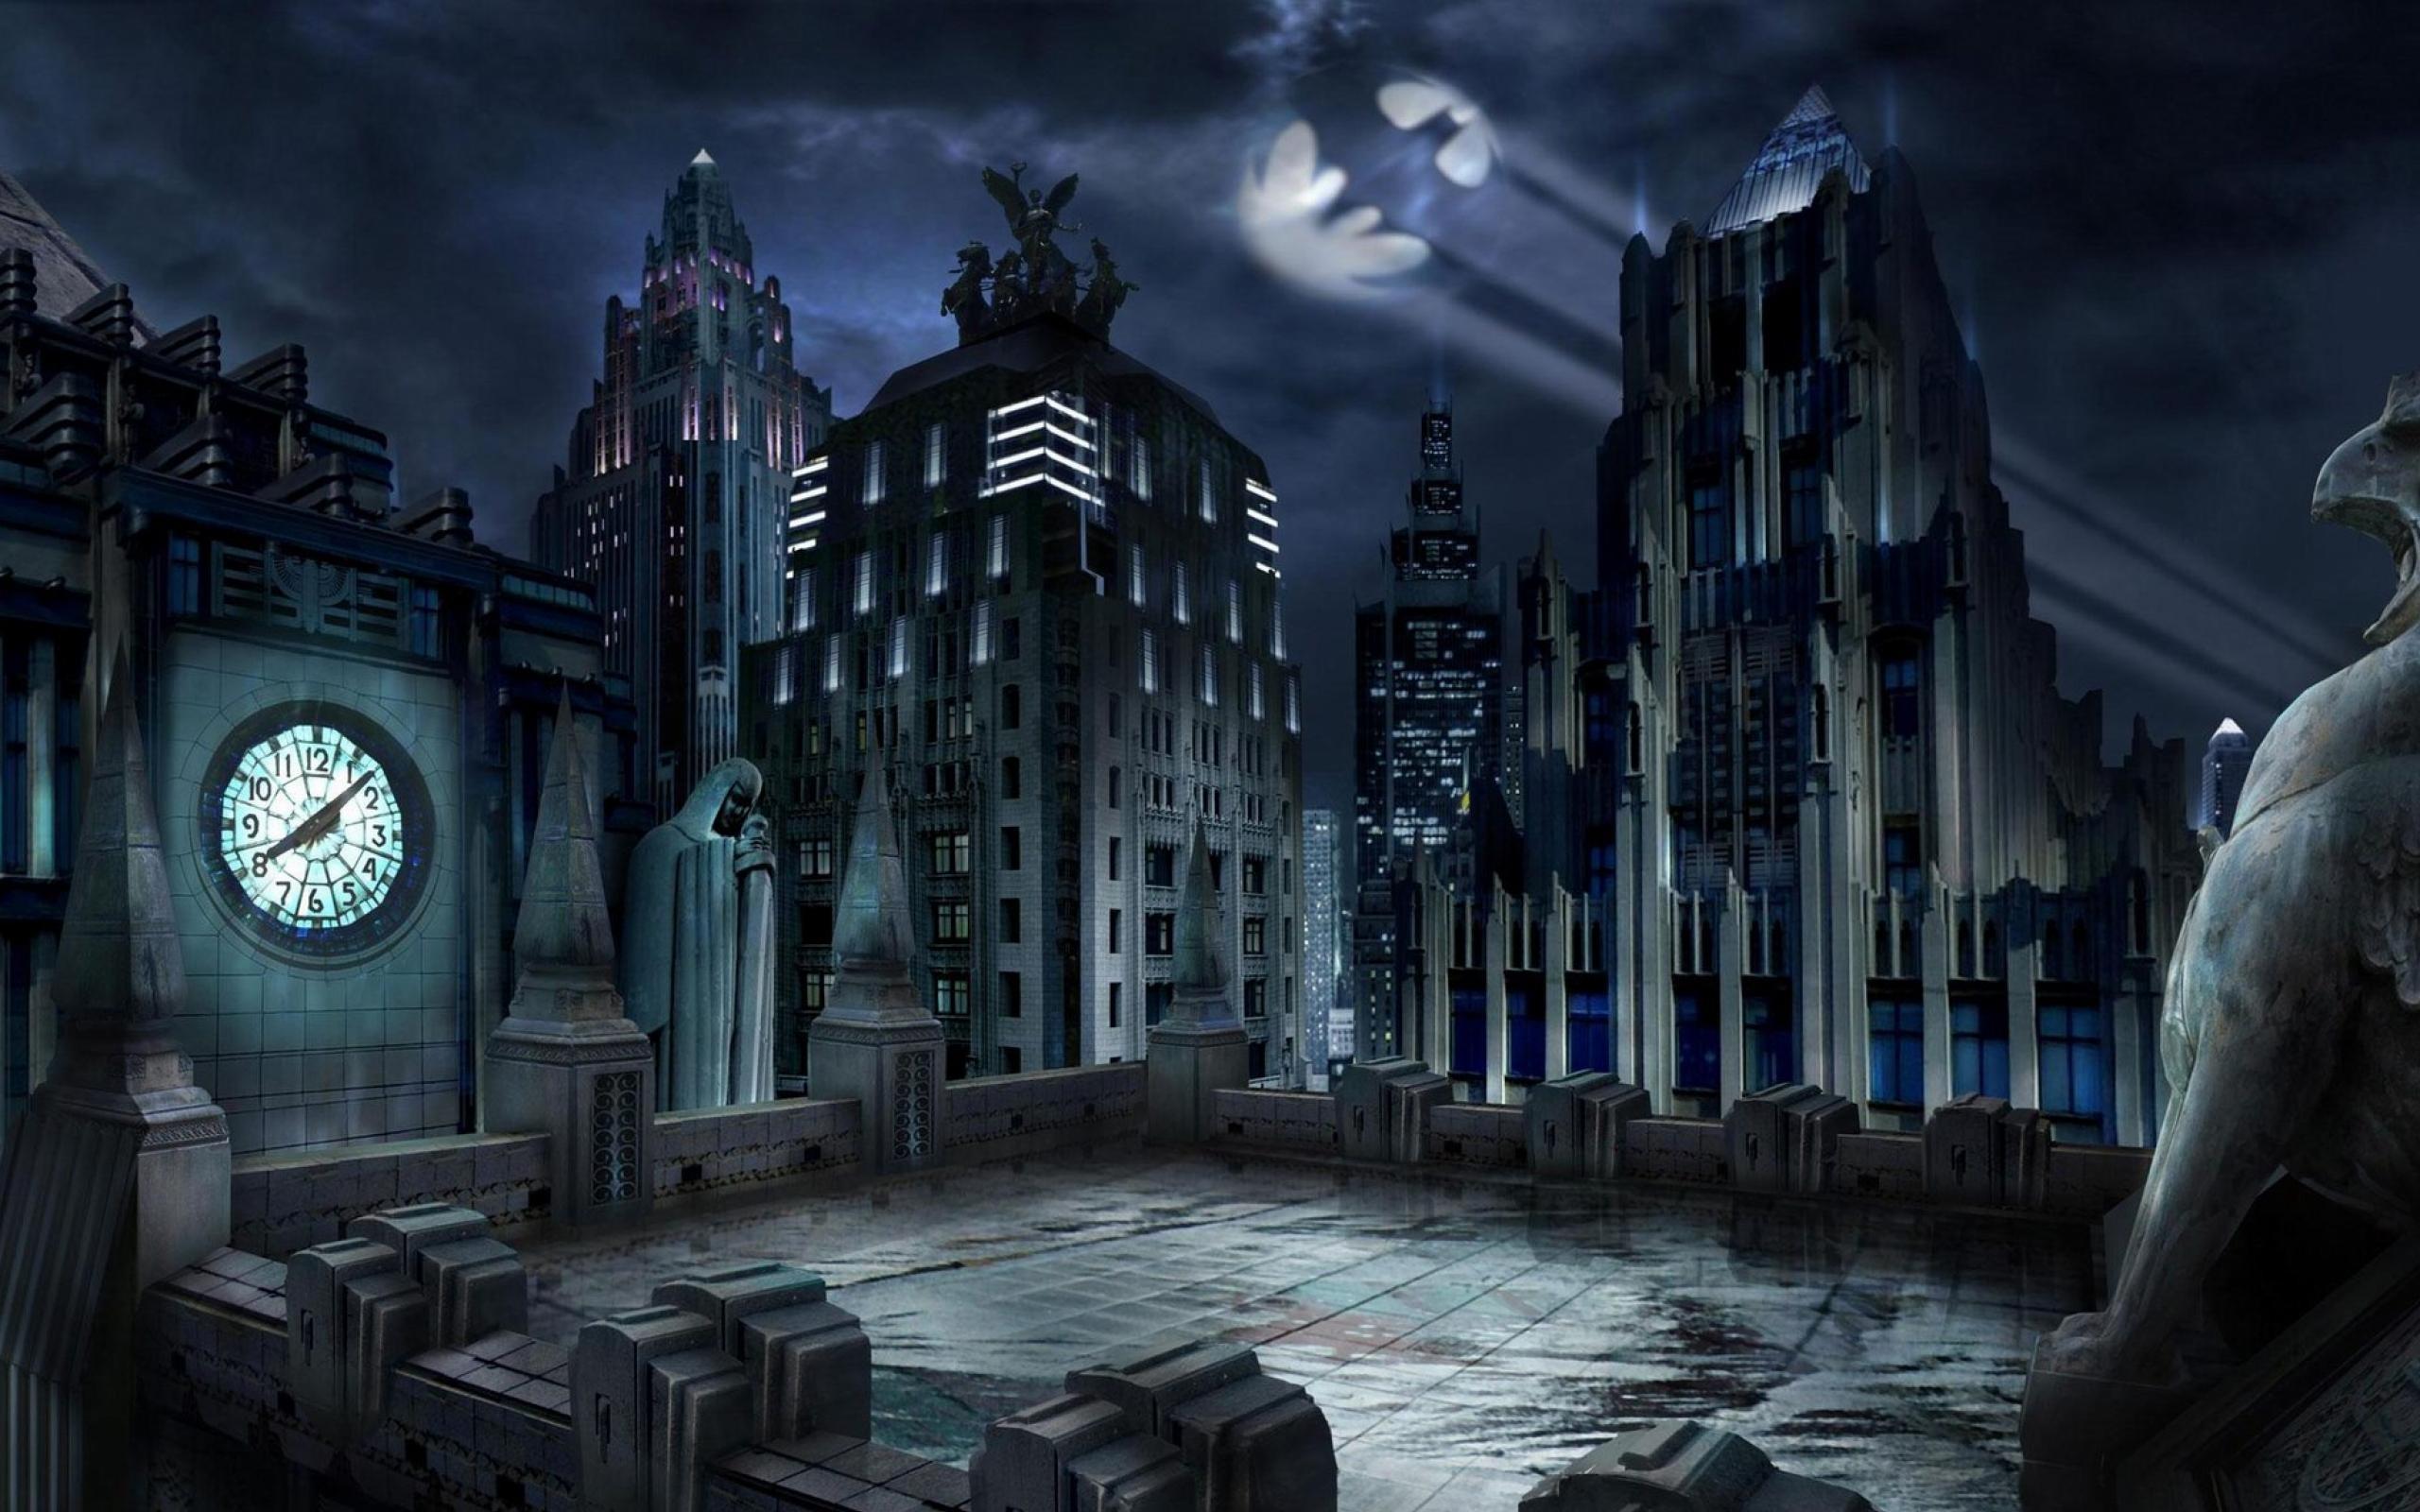 Gotham season 2 wallpaper wallpapersafari - Gotham wallpaper ...